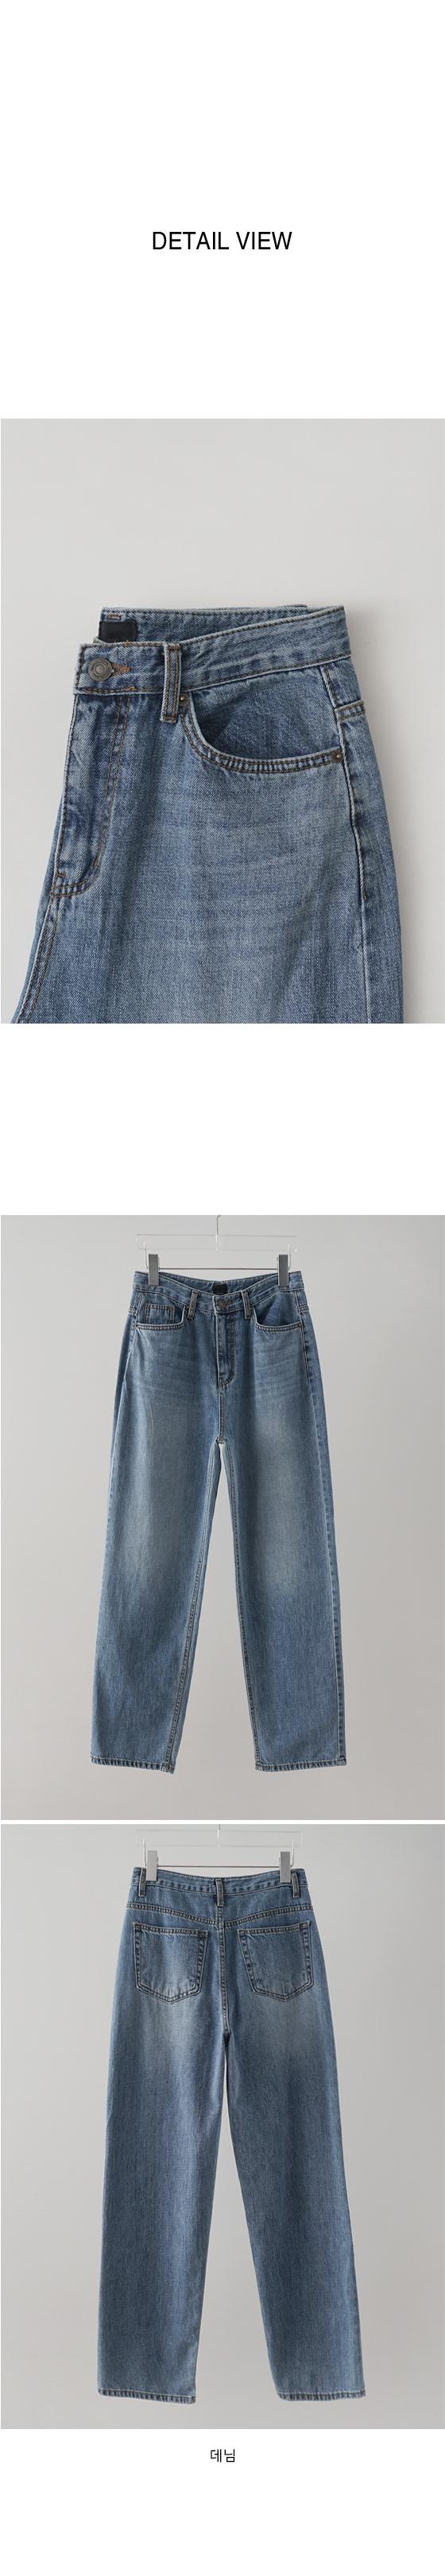 moderate medium denim pants